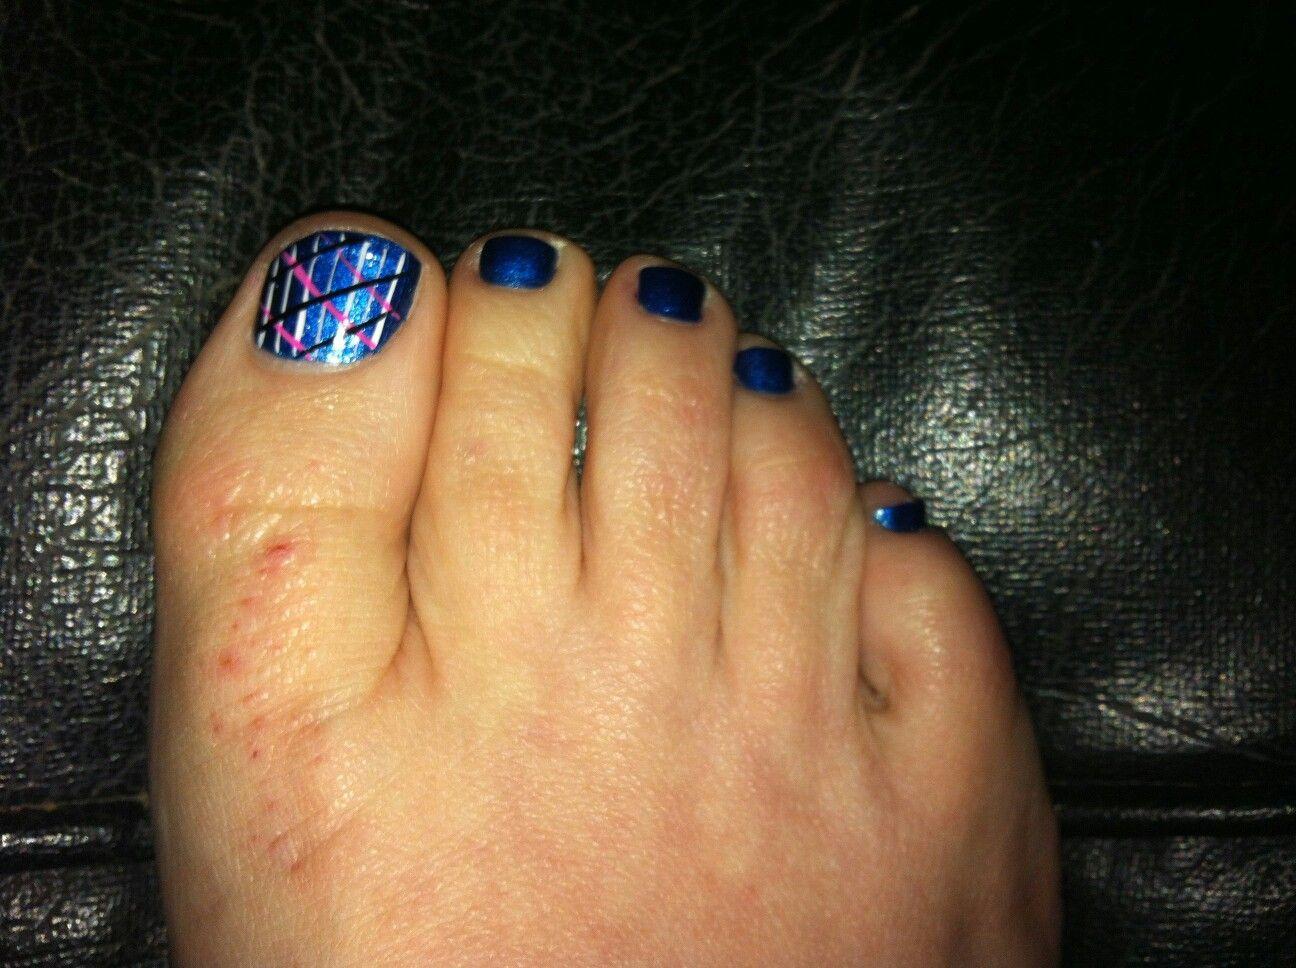 My pretty blue stripped pedi